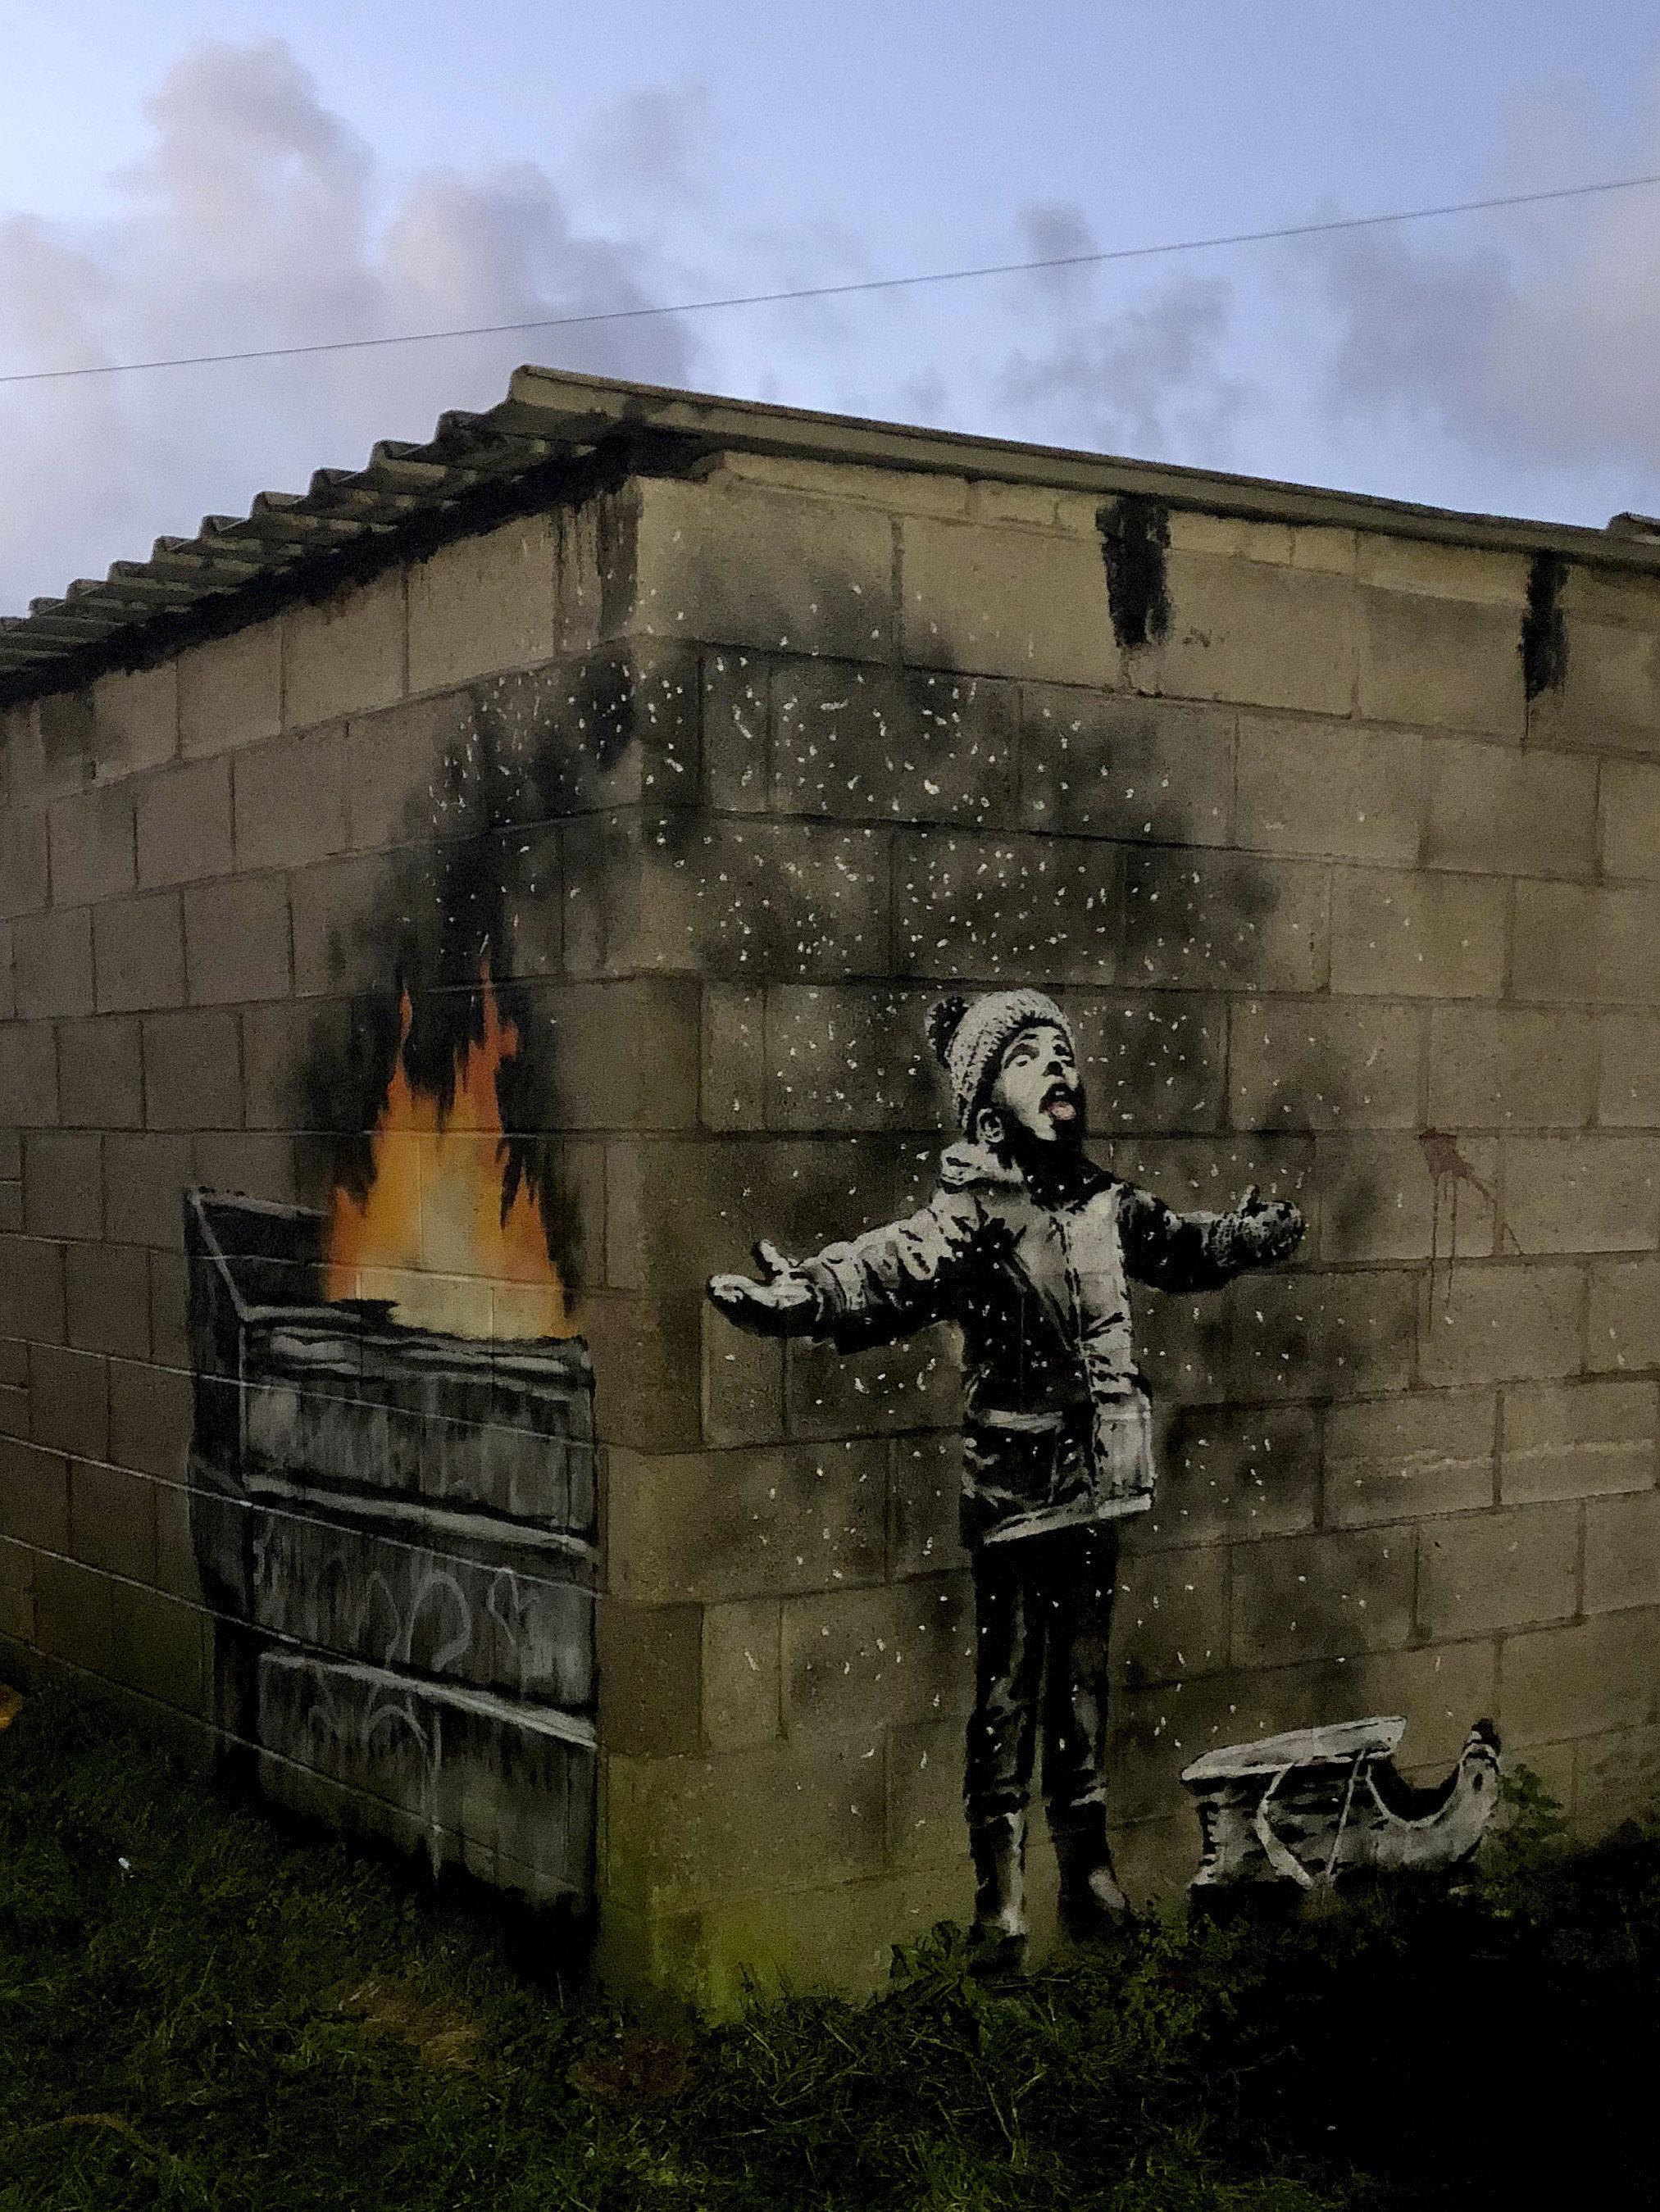 뱅크시가 크리스마스를 맞아 그린 그림에는 '환경 오염에 대한 경고'가